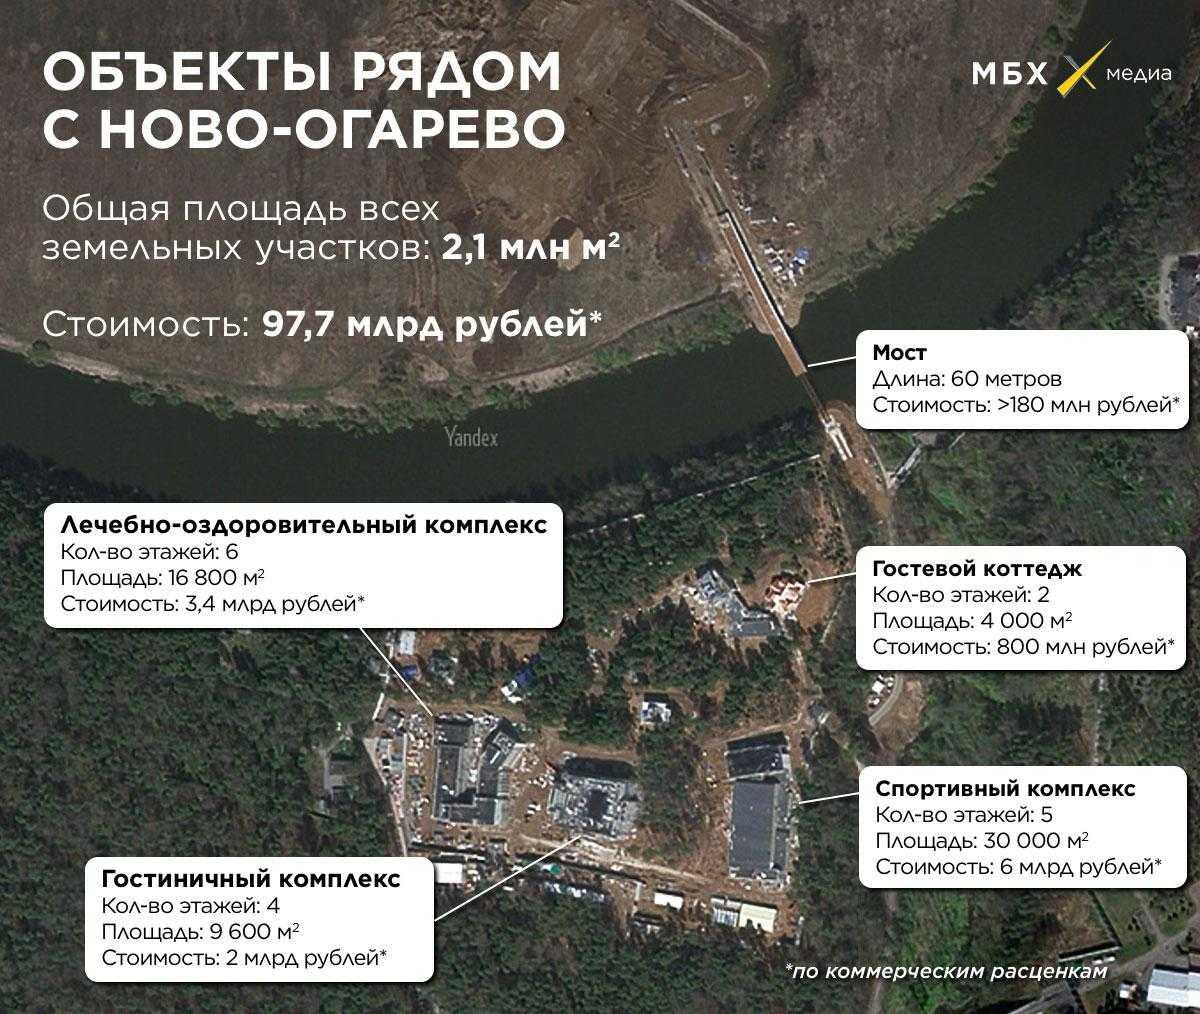 Путин-мост и VIP-лечебница: в России тайно строят загородный комплекс почти за миллиард долларов – СМИ